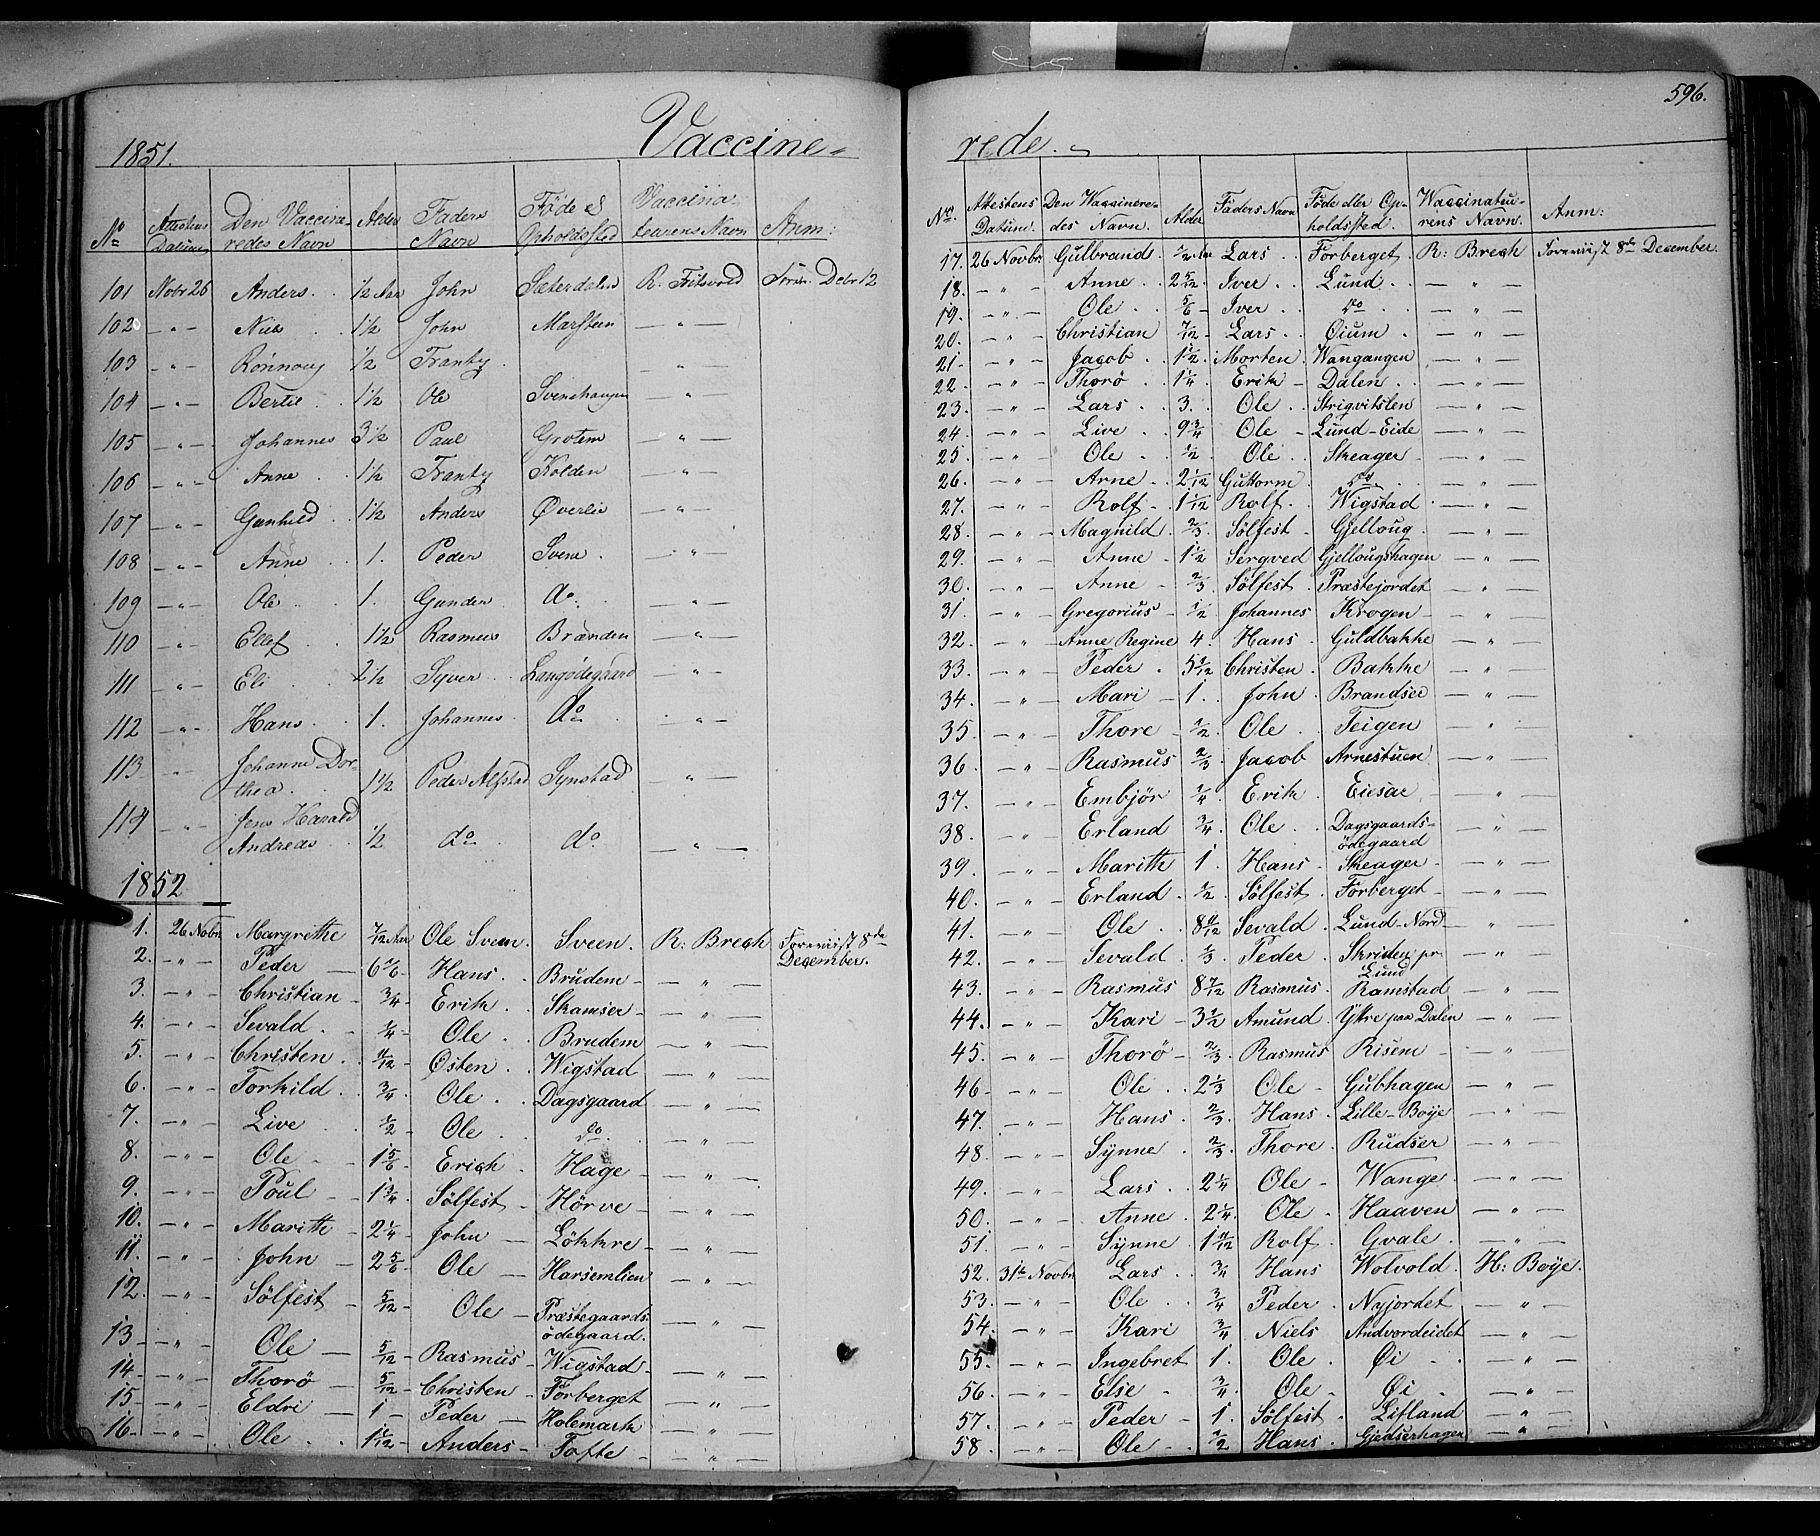 SAH, Lom prestekontor, K/L0006: Ministerialbok nr. 6B, 1837-1863, s. 596